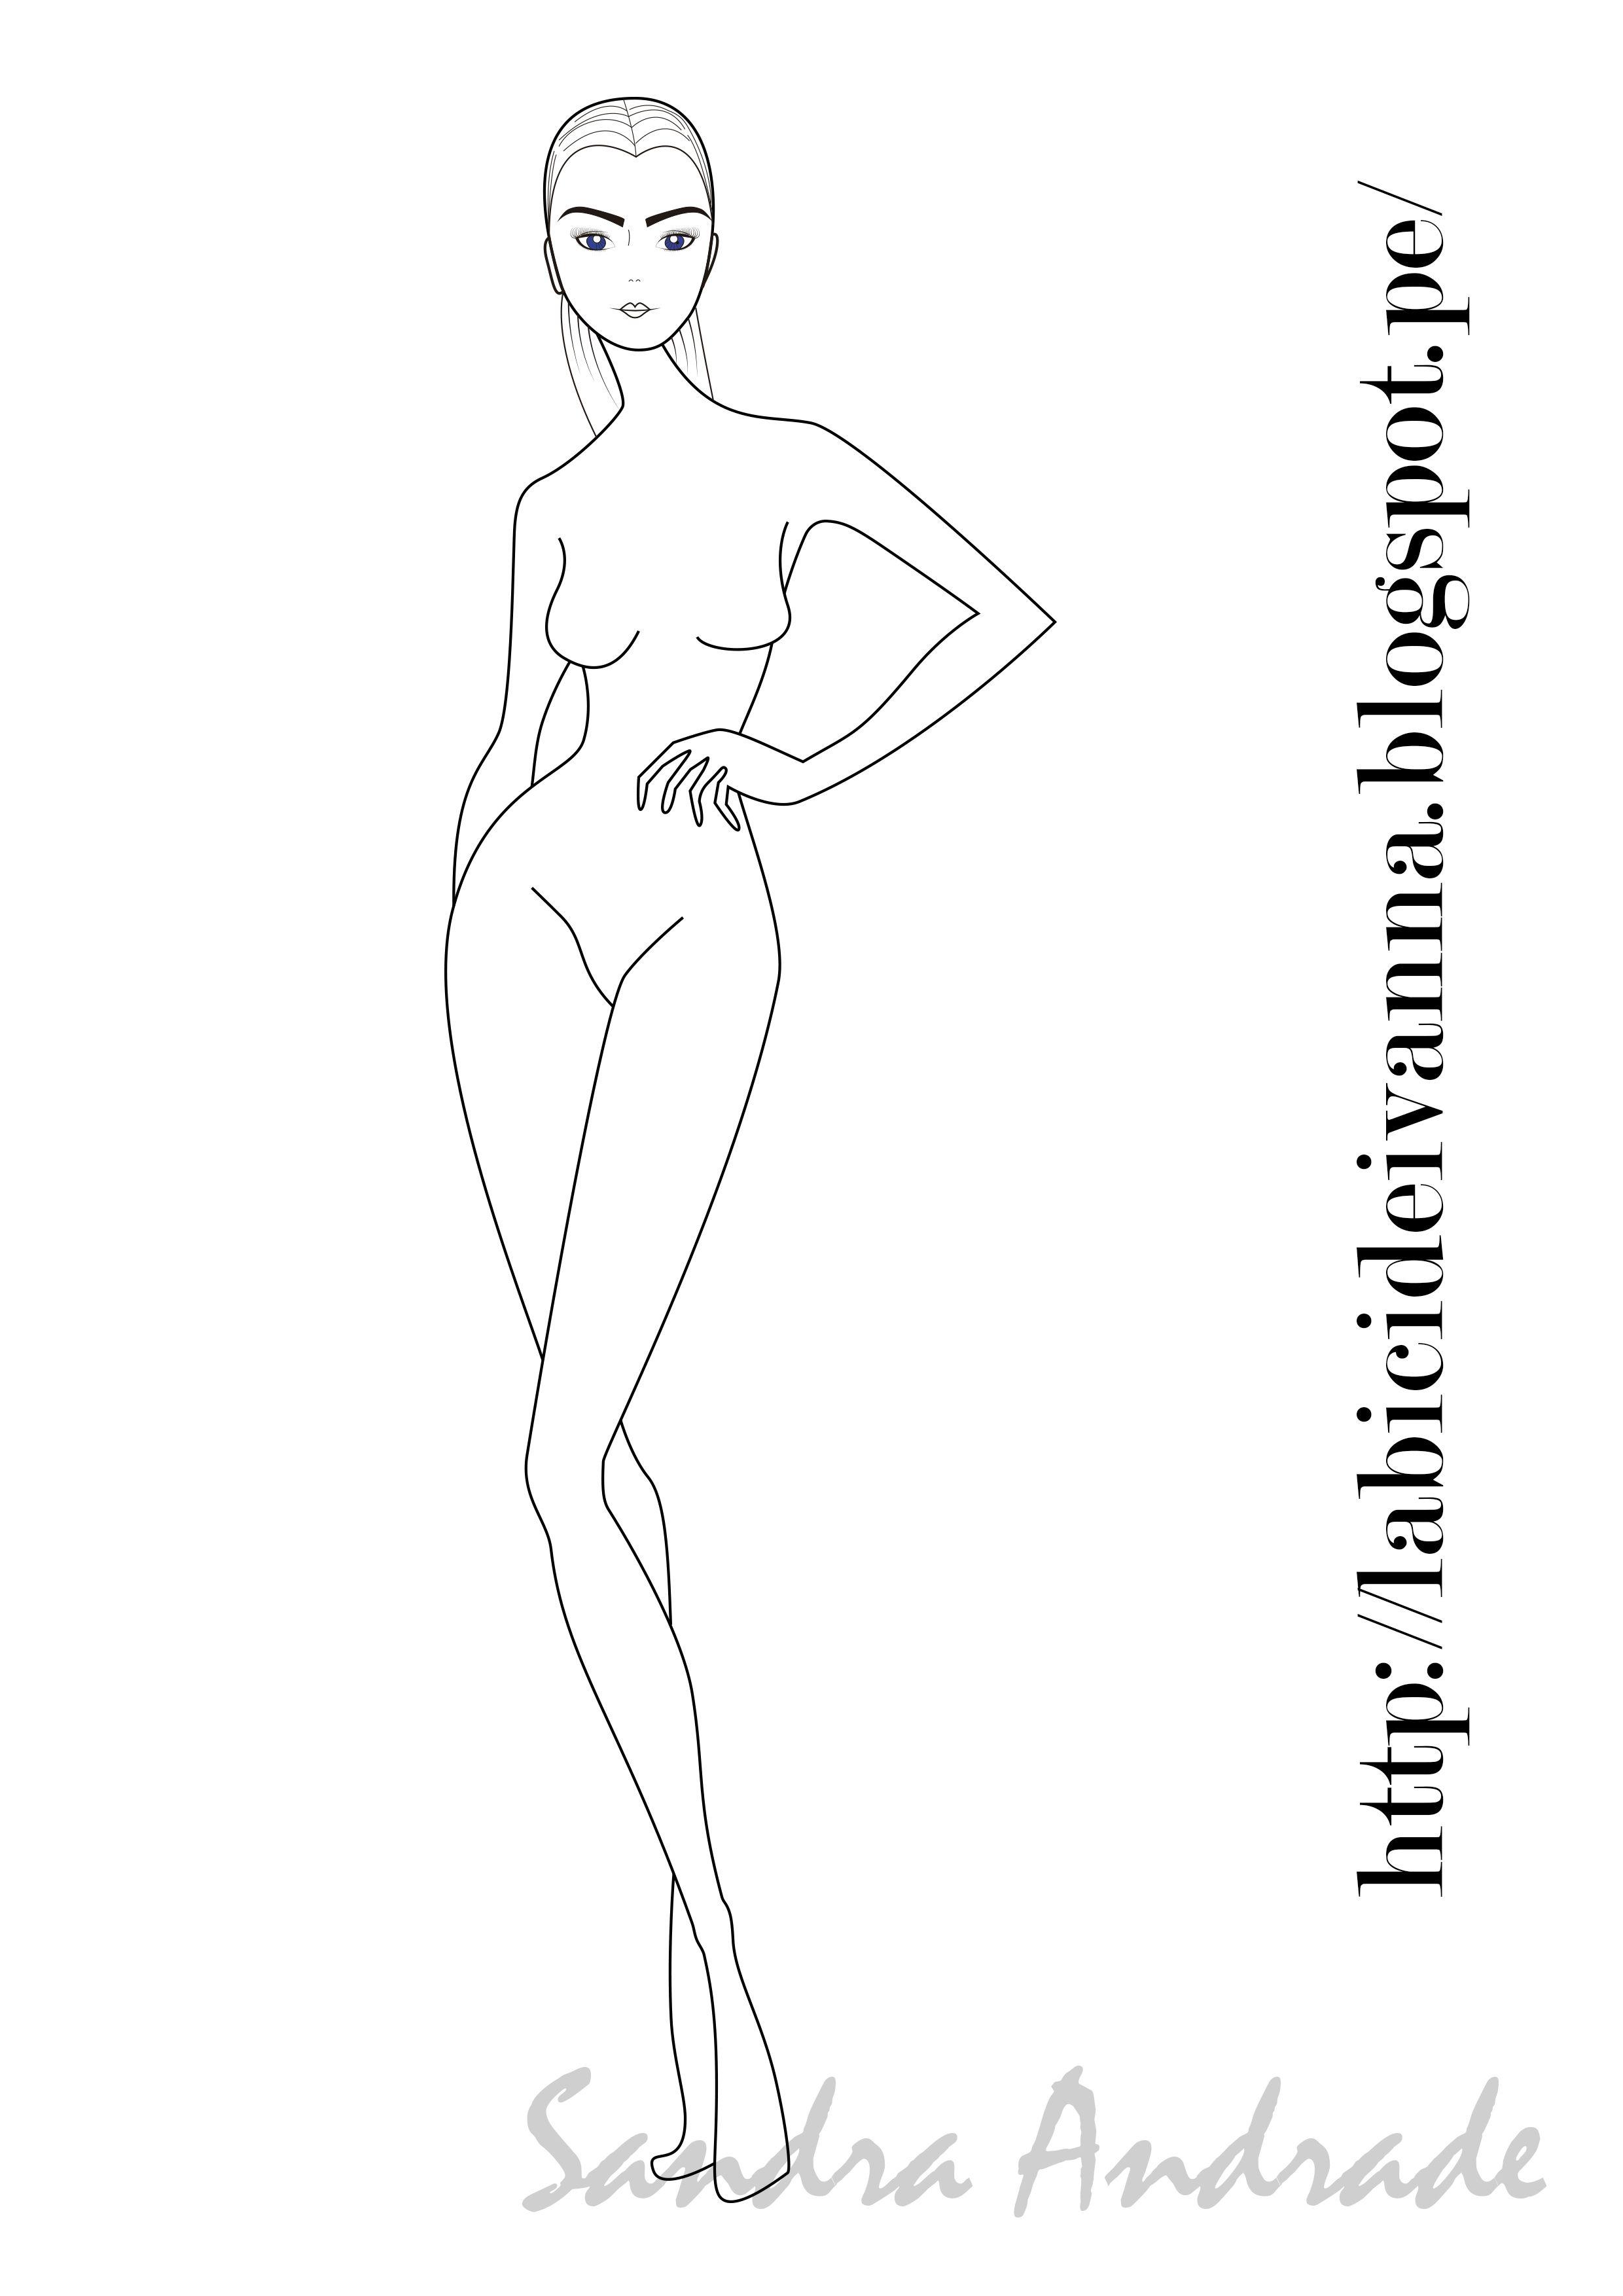 figurin de #moda #ilustración # sketch | ceam | Pinterest